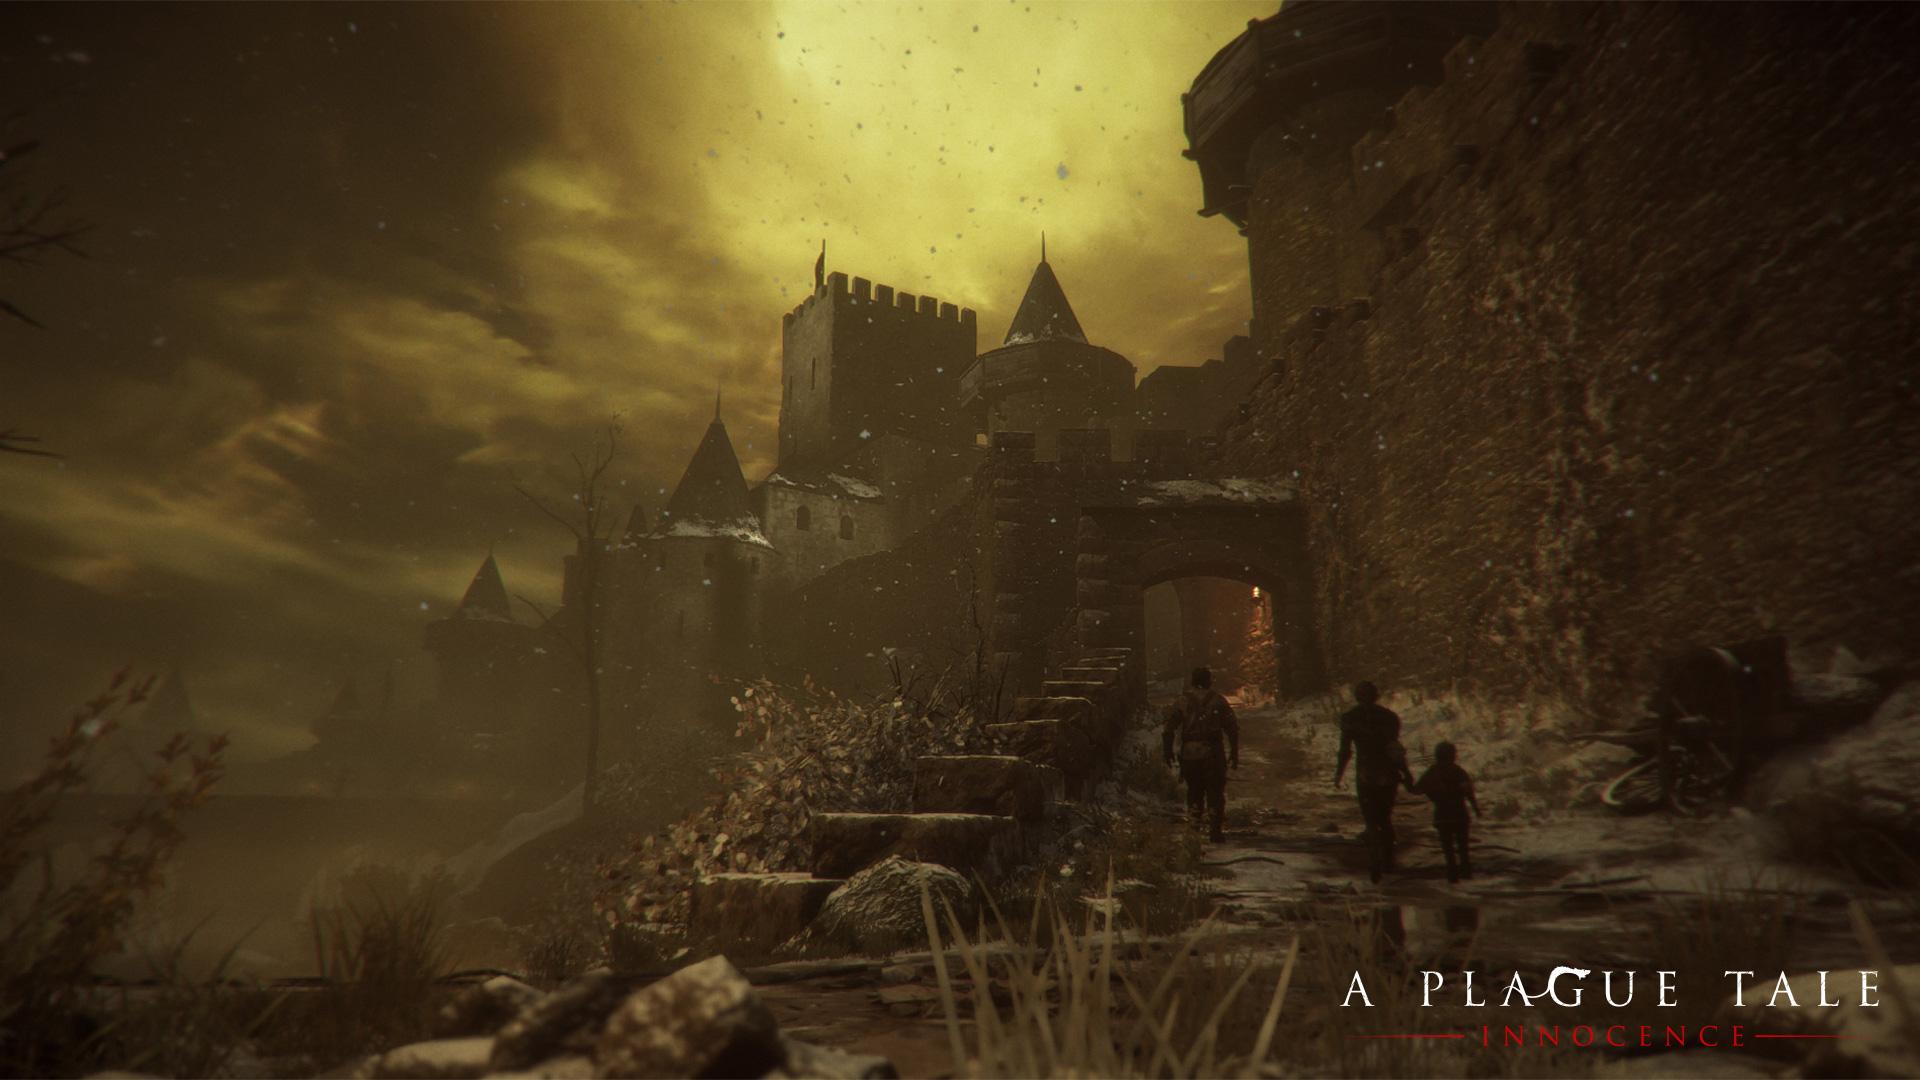 Le Moyen Âge est une époque bien sombre